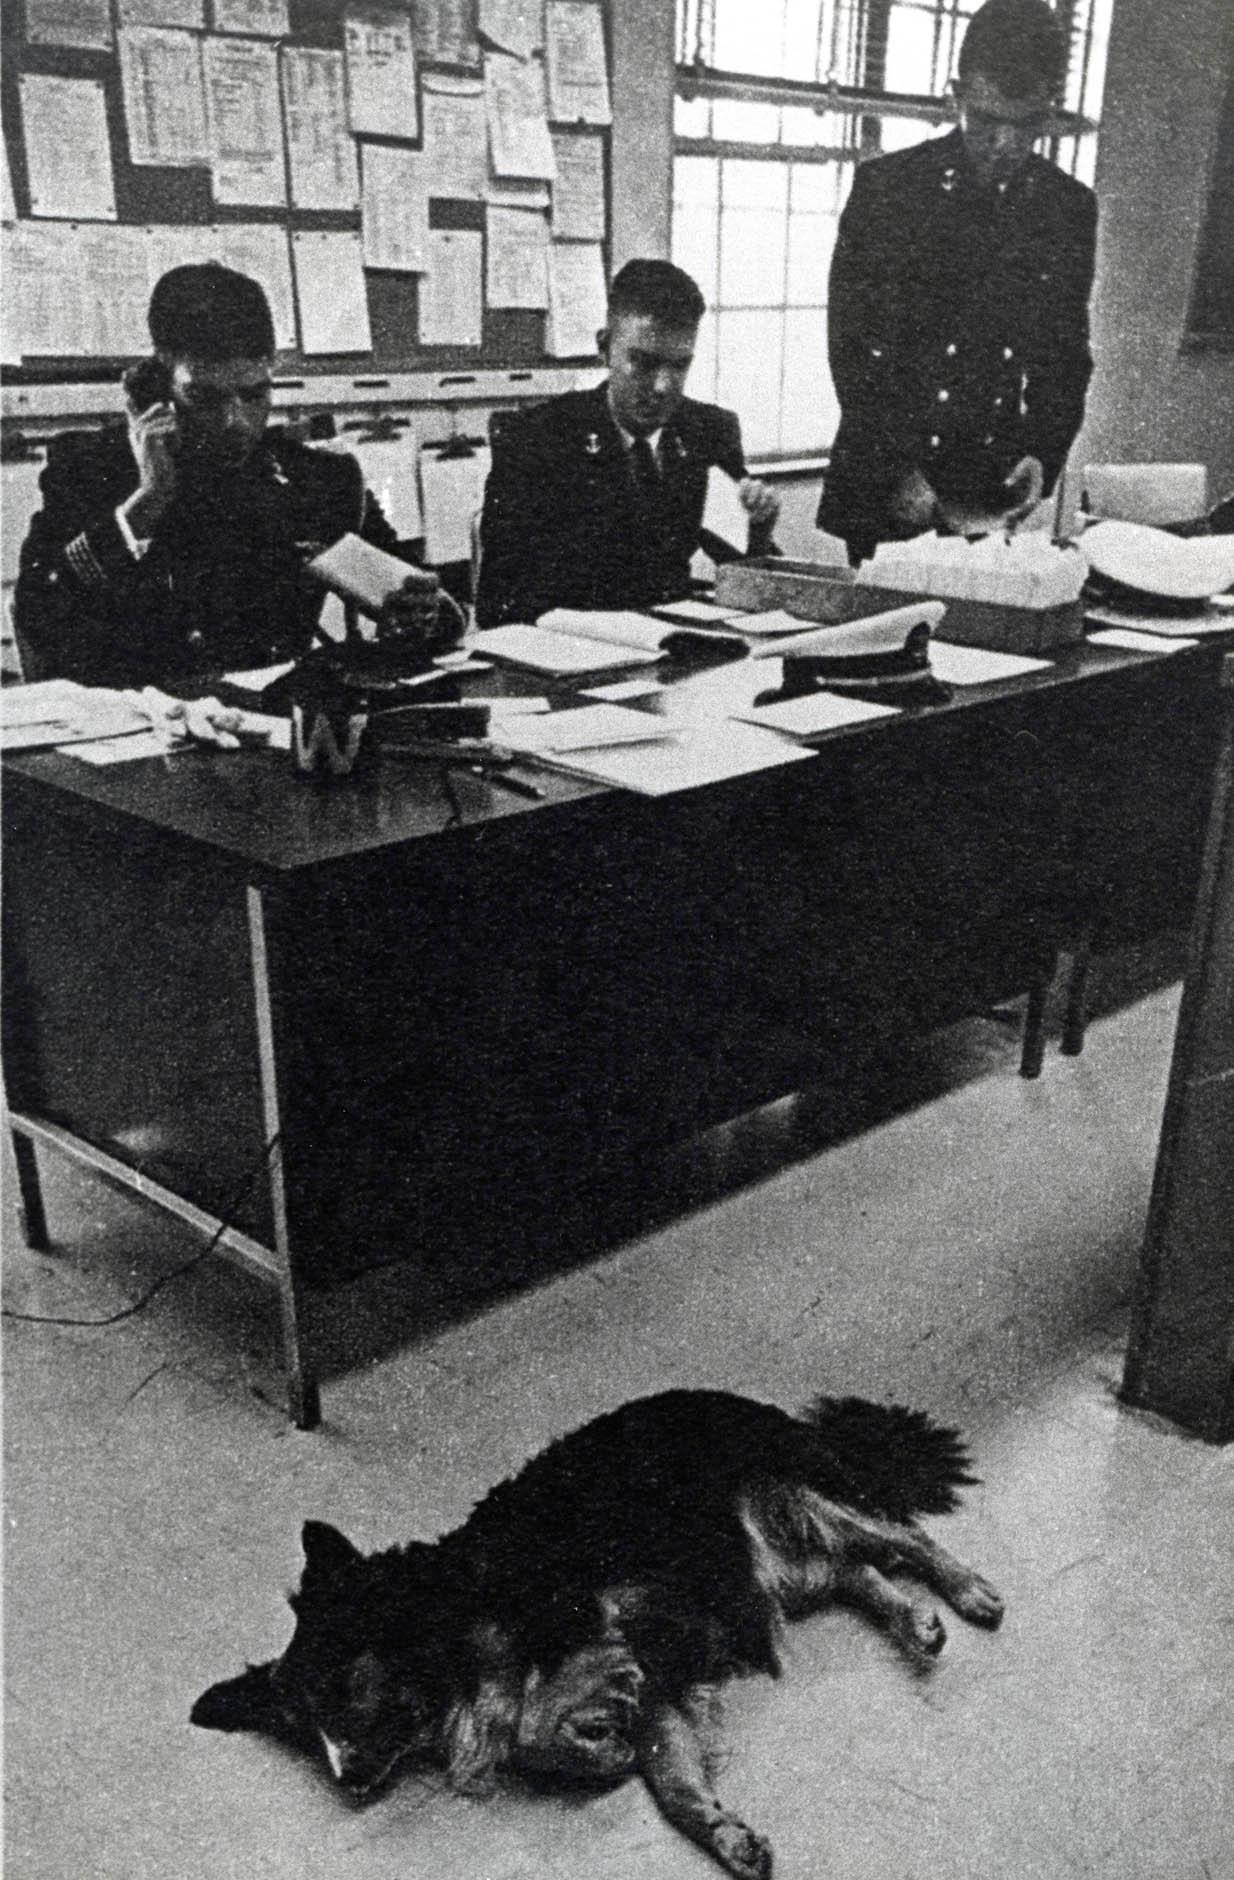 Dodo the dog in main office